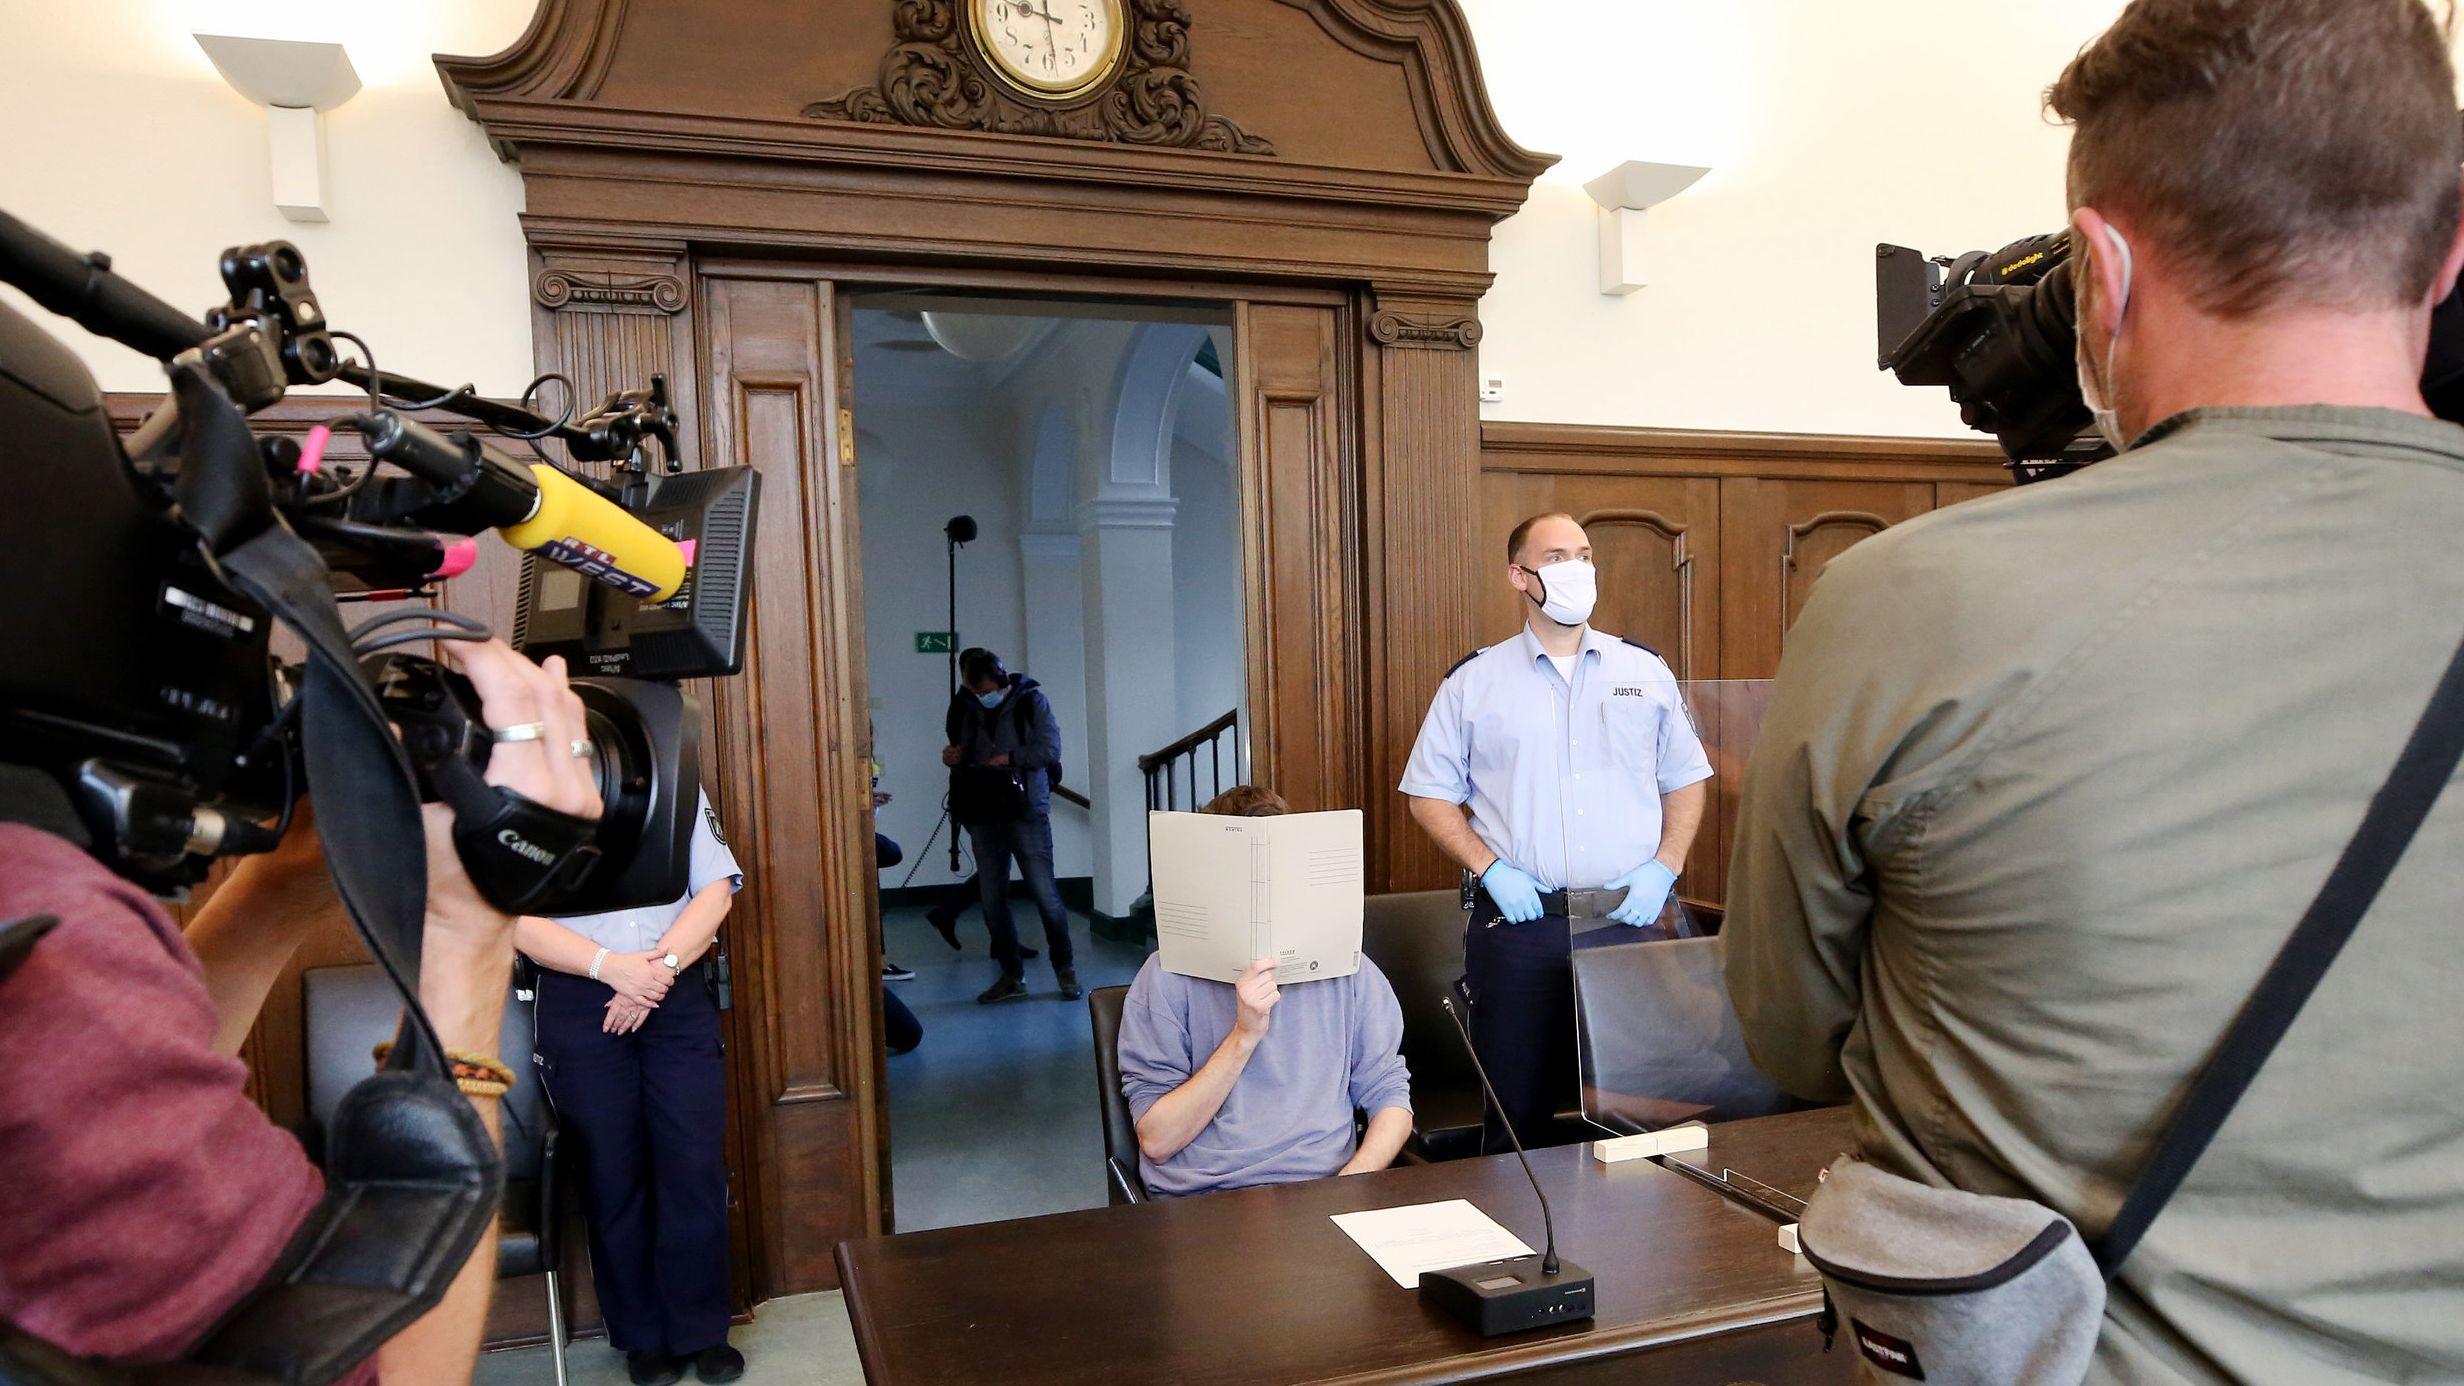 Der Angeklagte kurz vor der Urteilsverkündigung im Gericht.